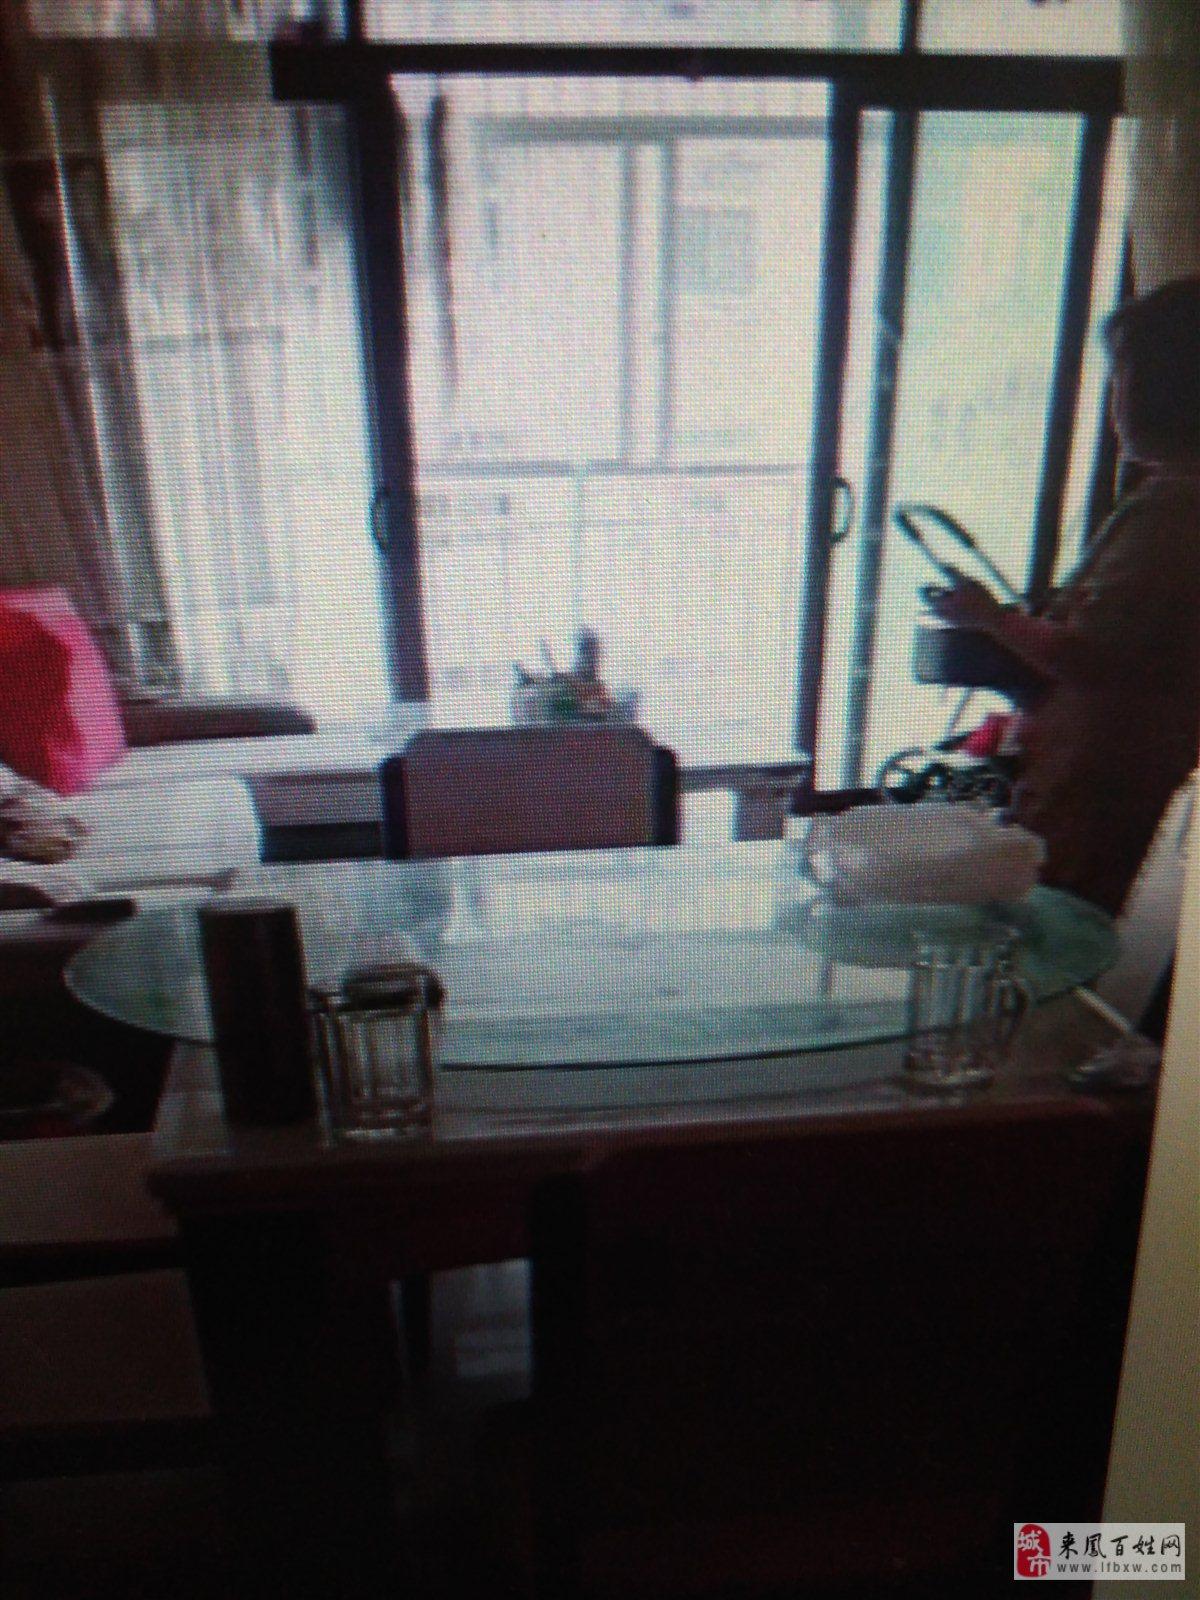 錦華苑3室 2廳 2衛48萬元雙證齊全,精裝修